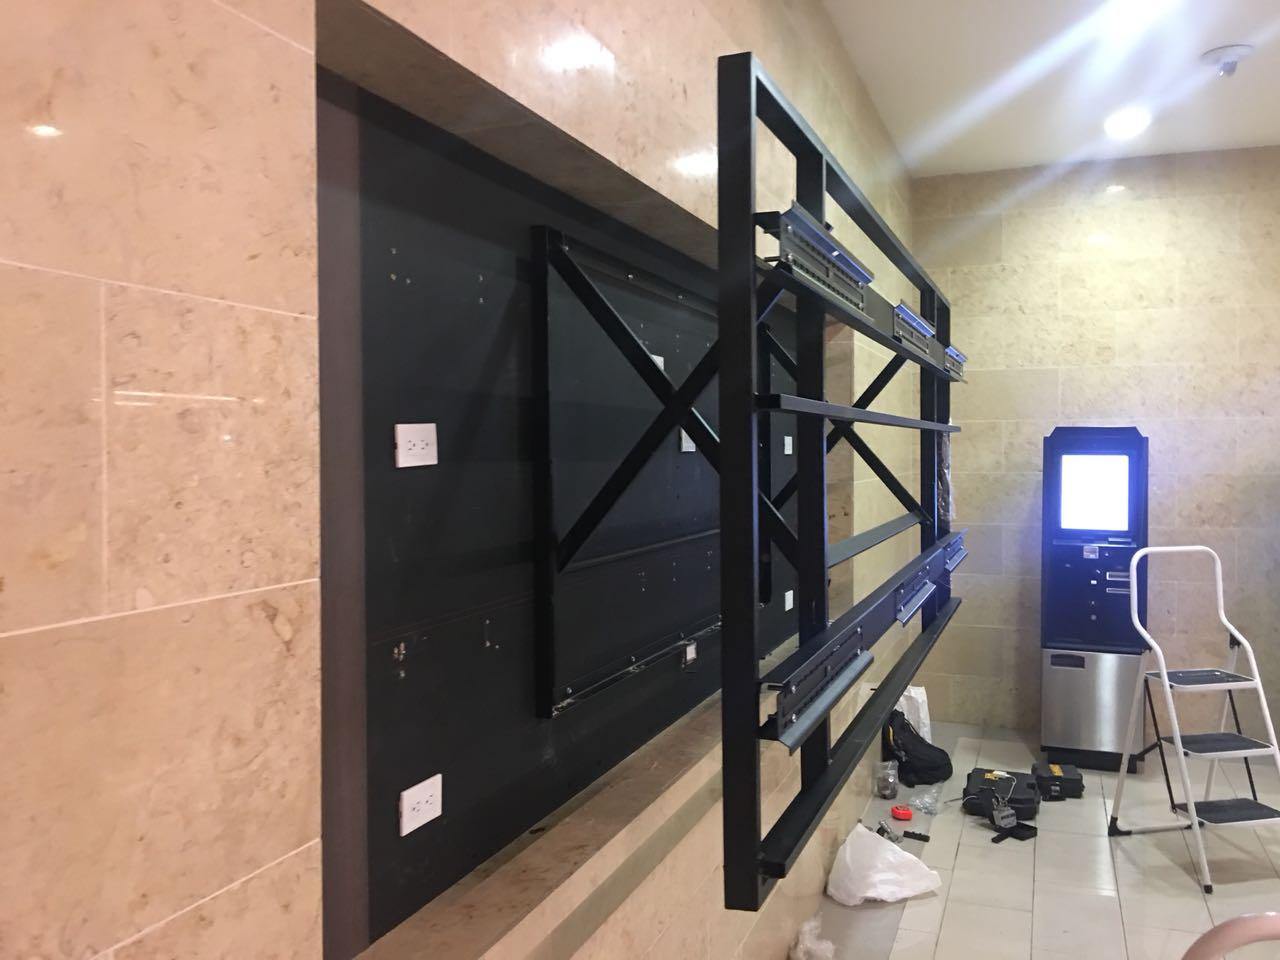 Soporte para video wall extensible